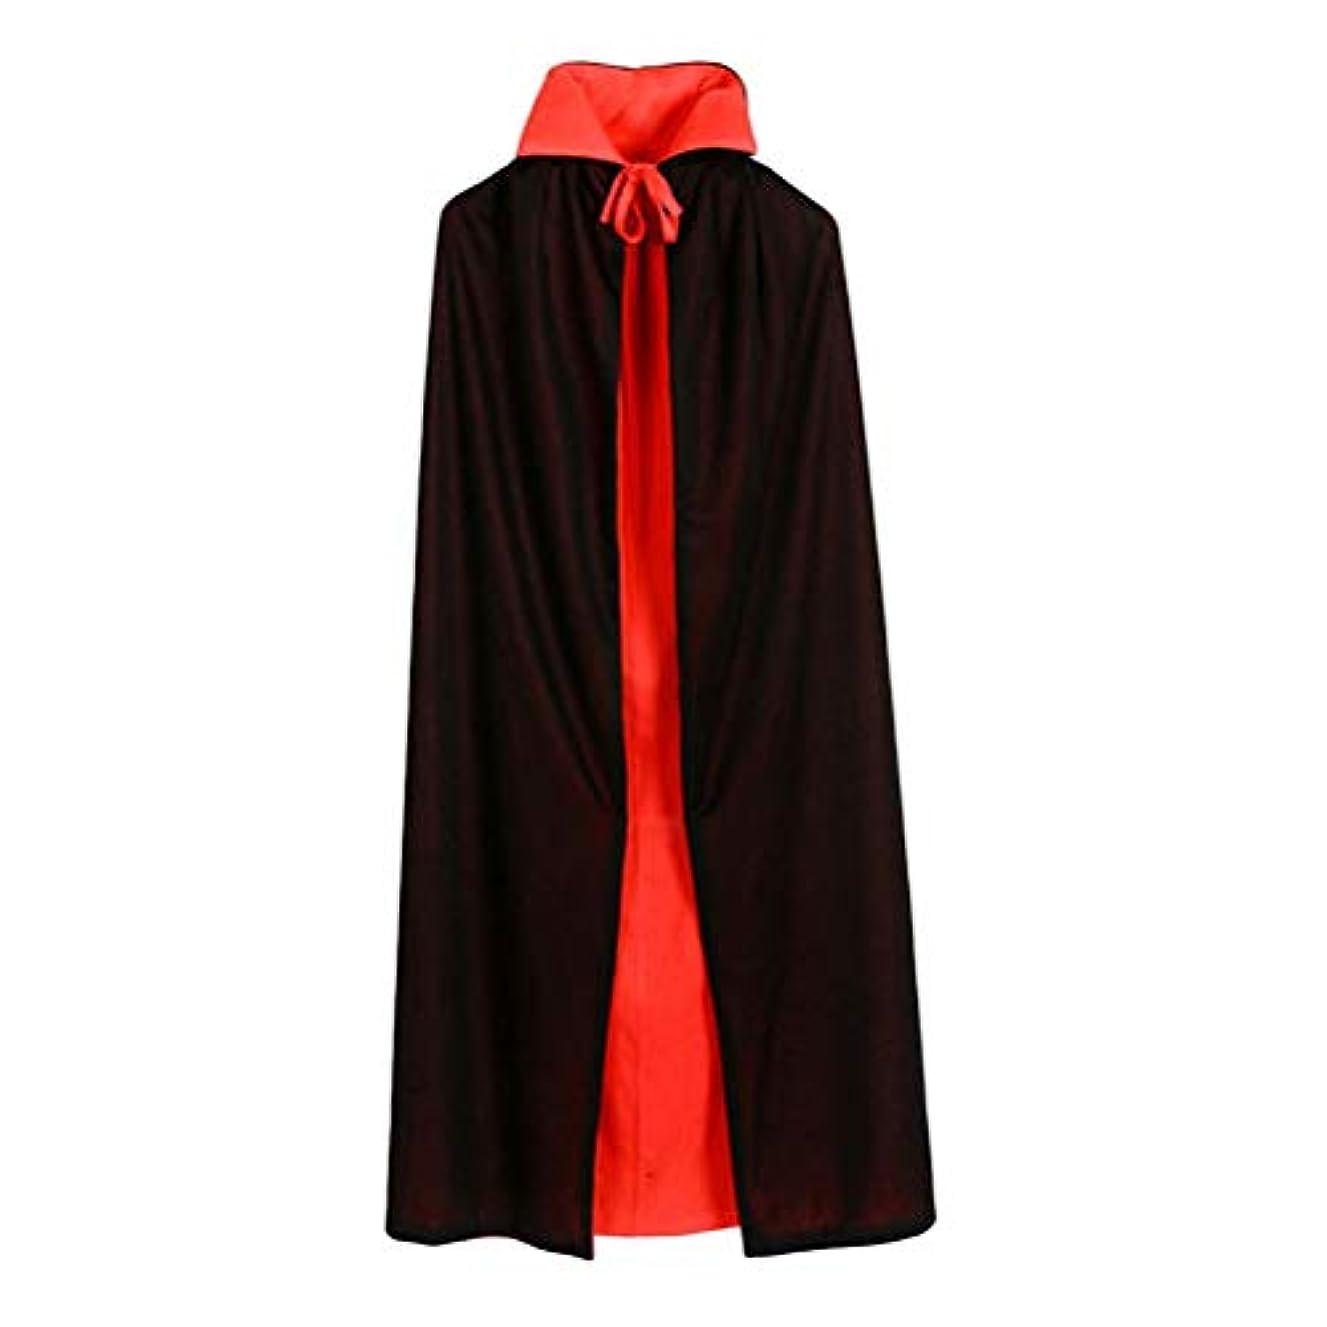 トリッキーゲージ蒸発Toyvian ヴァンパイアマント二重層黒と赤のフード付きマントヴァンパイアコスチュームコスプレケープは男の子と女の子のためにドレスアップ(90cmストレートカラーダブルマント)